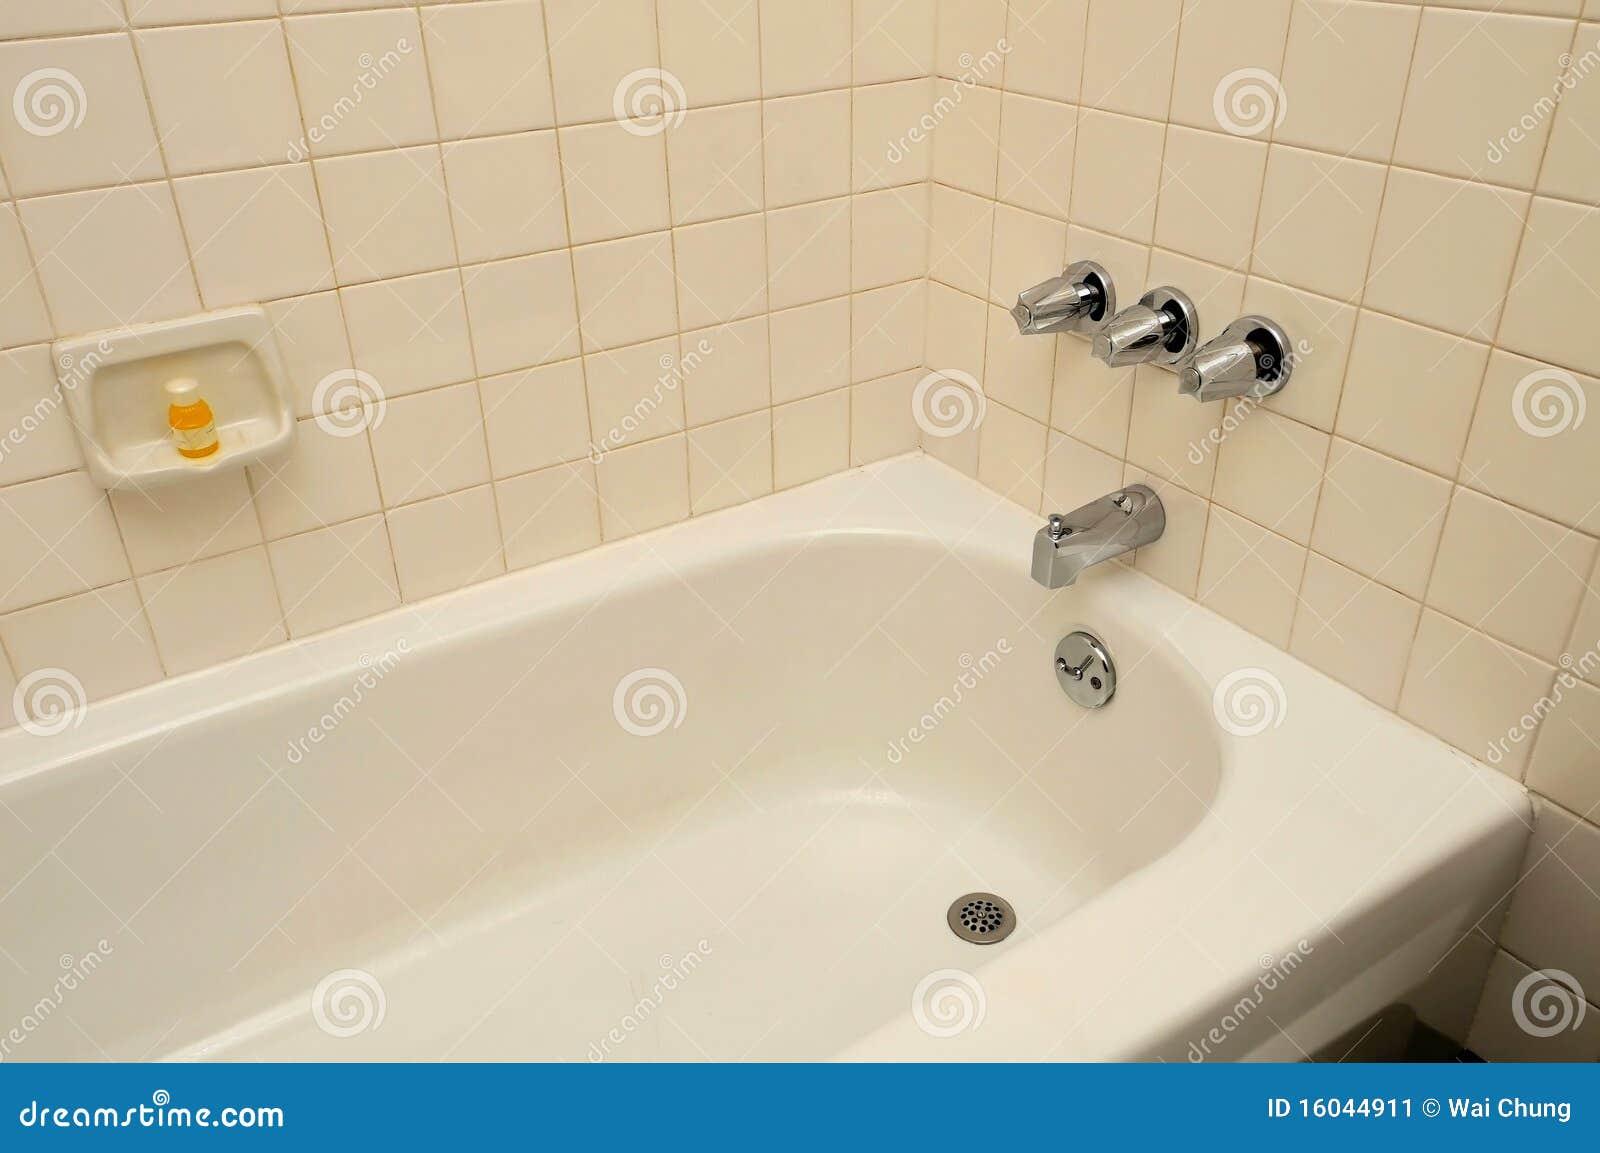 Vasca Da Bagno Per Hotel : Vasca da bagno per la stazione termale ed il rilassamento immagine